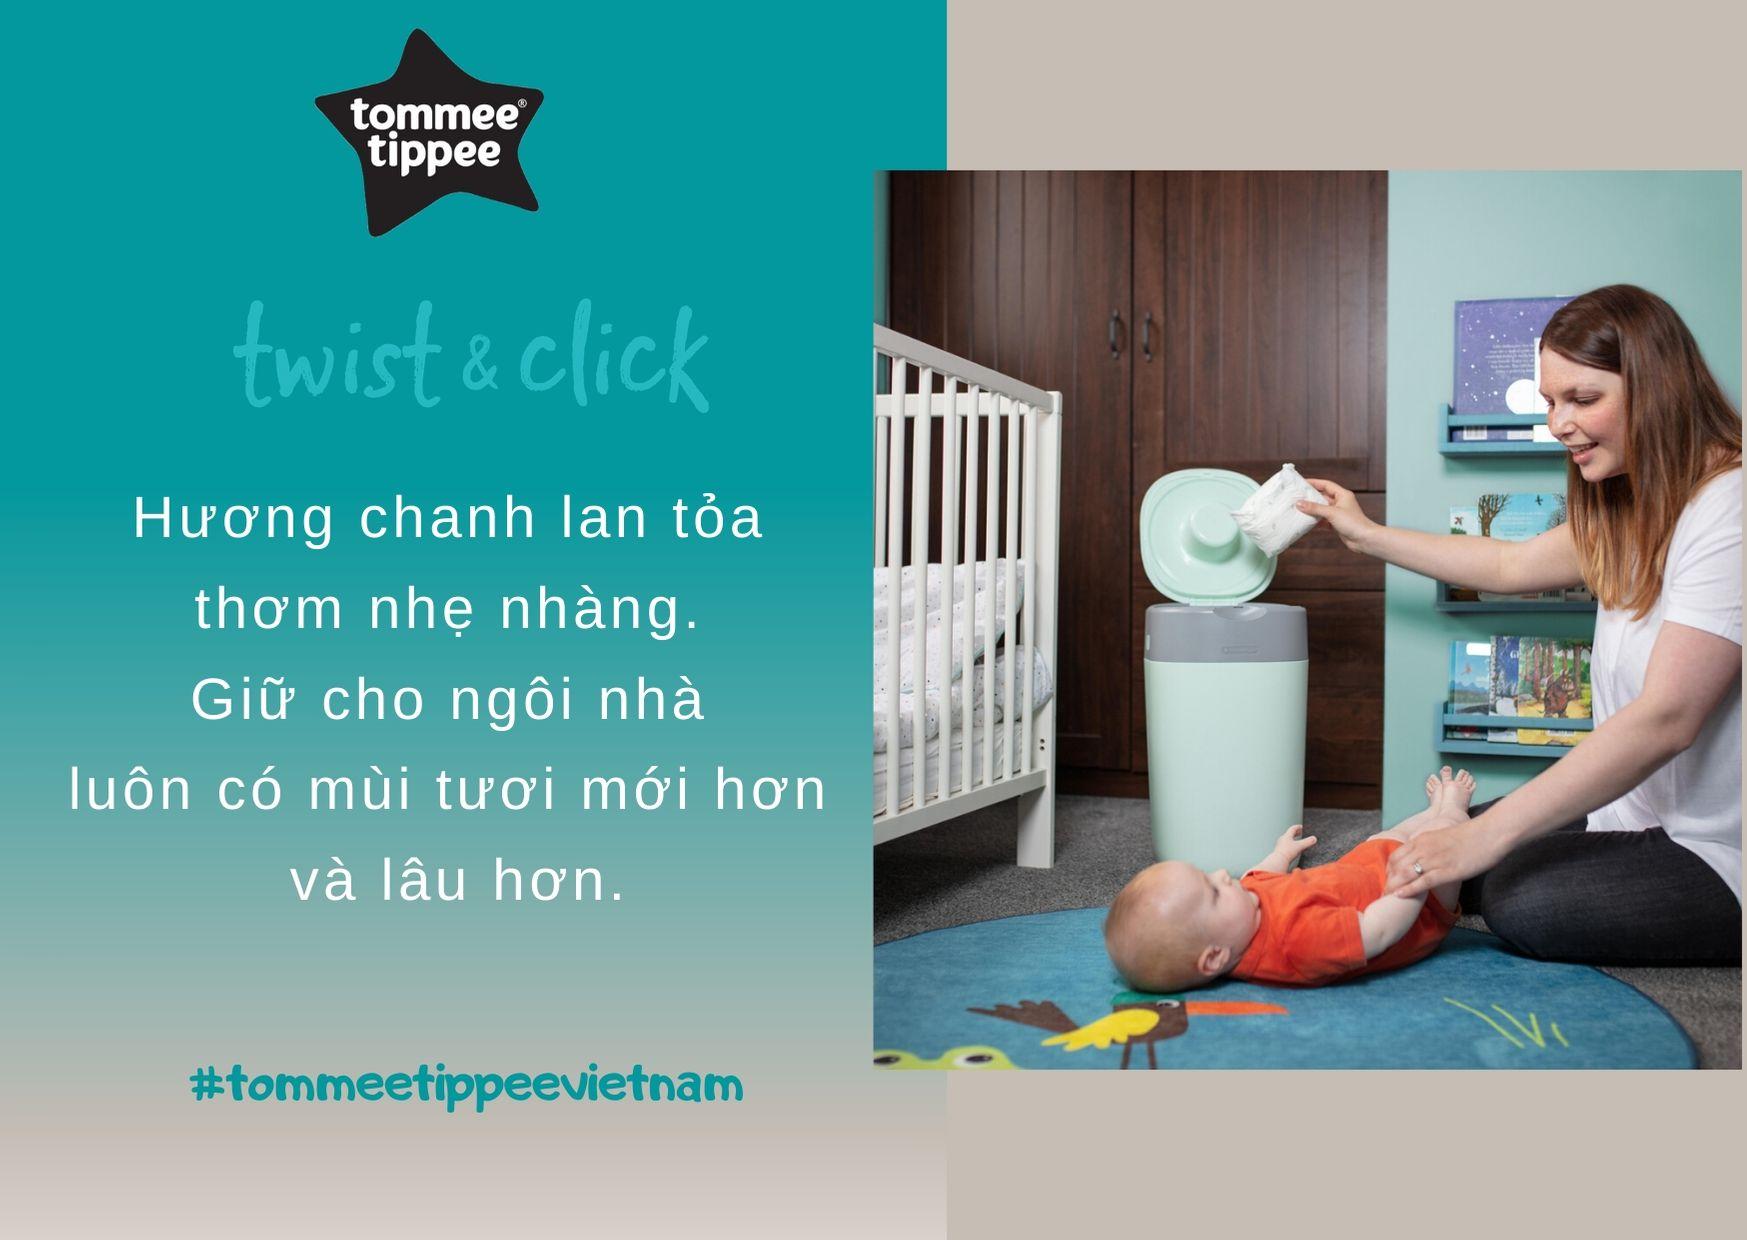 Đặc điểm Túi xử lý tã cho bé Tommee Tippee (1 hộp)